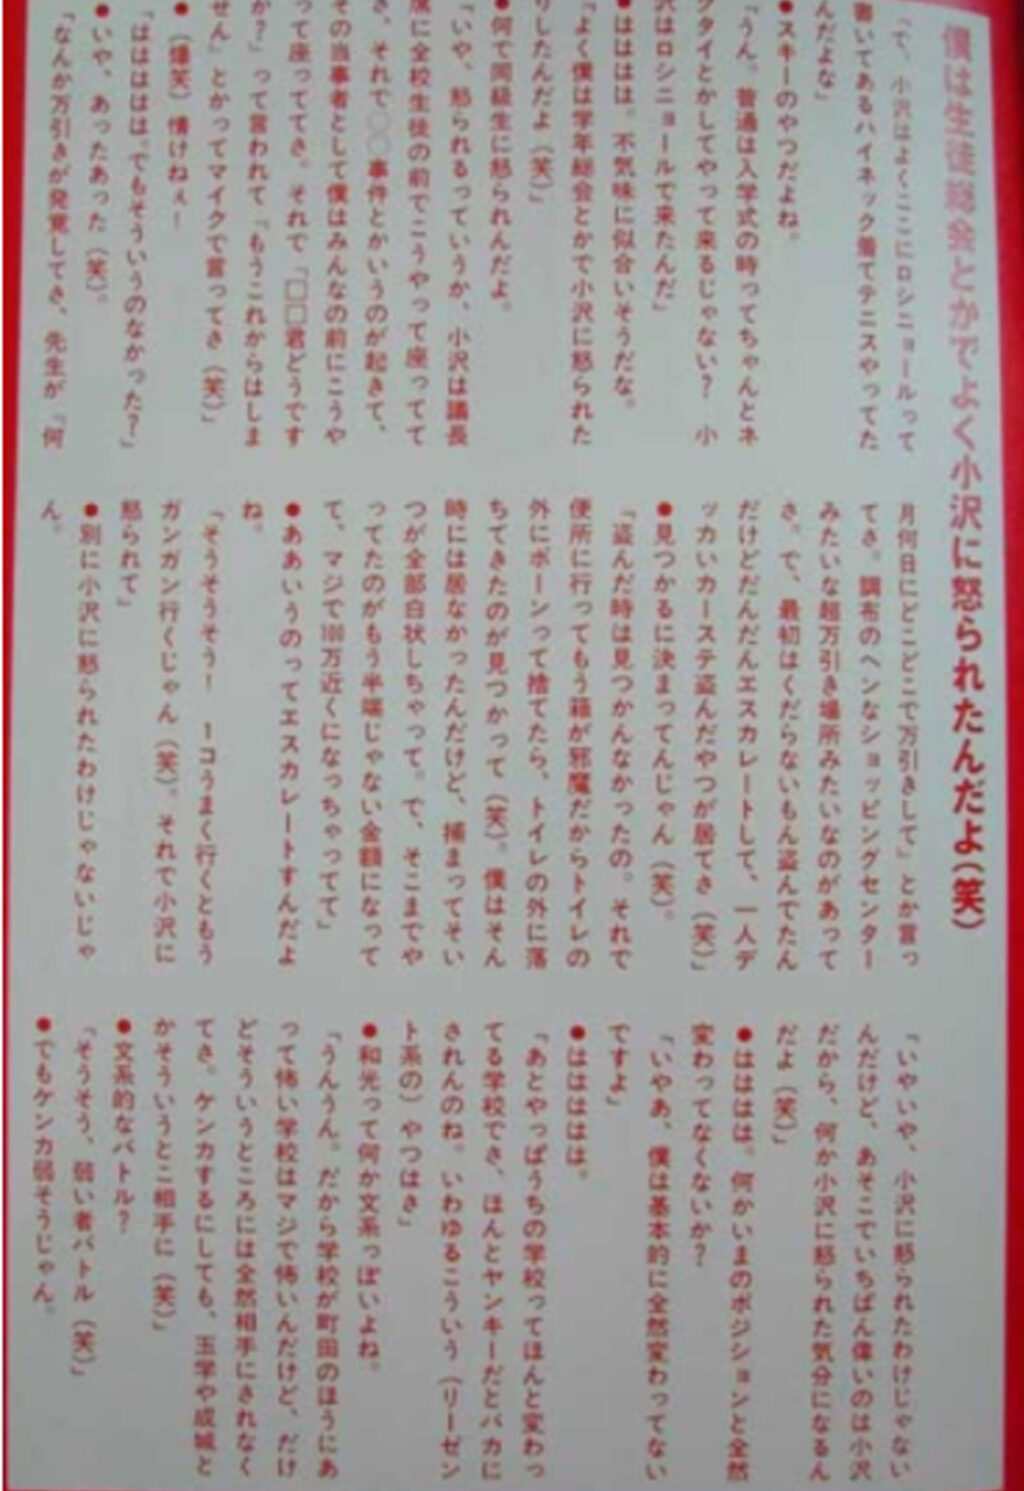 小山田圭吾のインタビュー記事